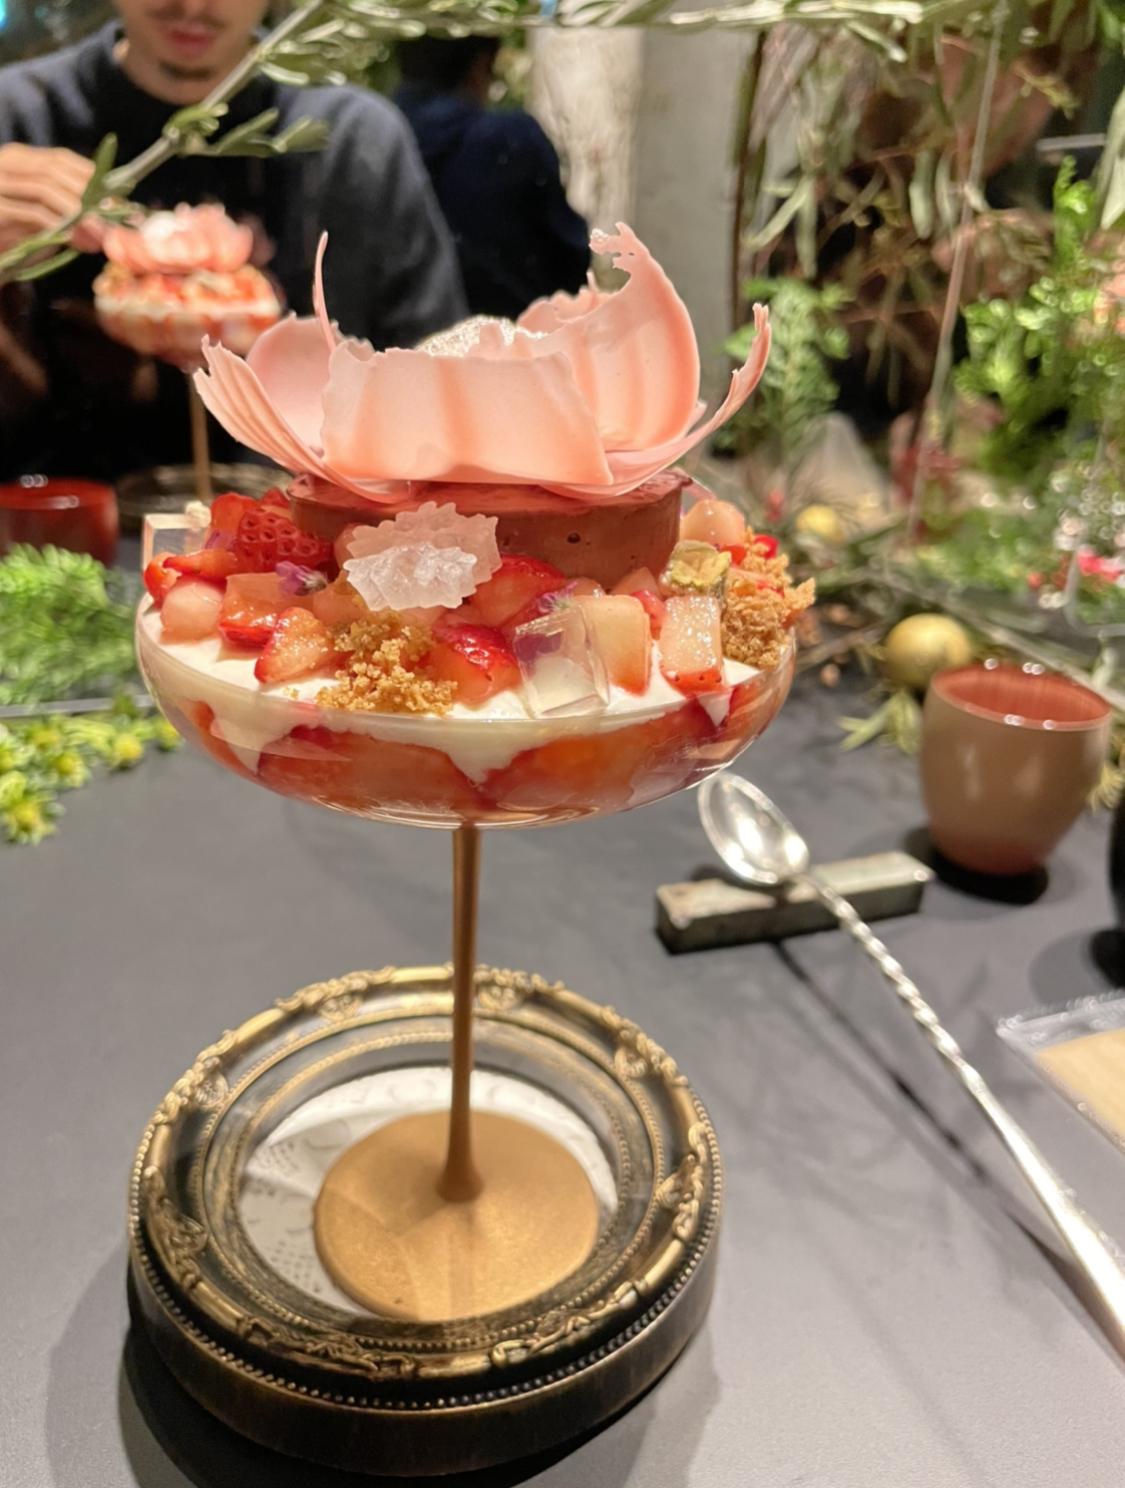 【パフェ】チョコレートといちごの芸術的なマリアージュ!限定コラボパフェ@虎ノ門_3